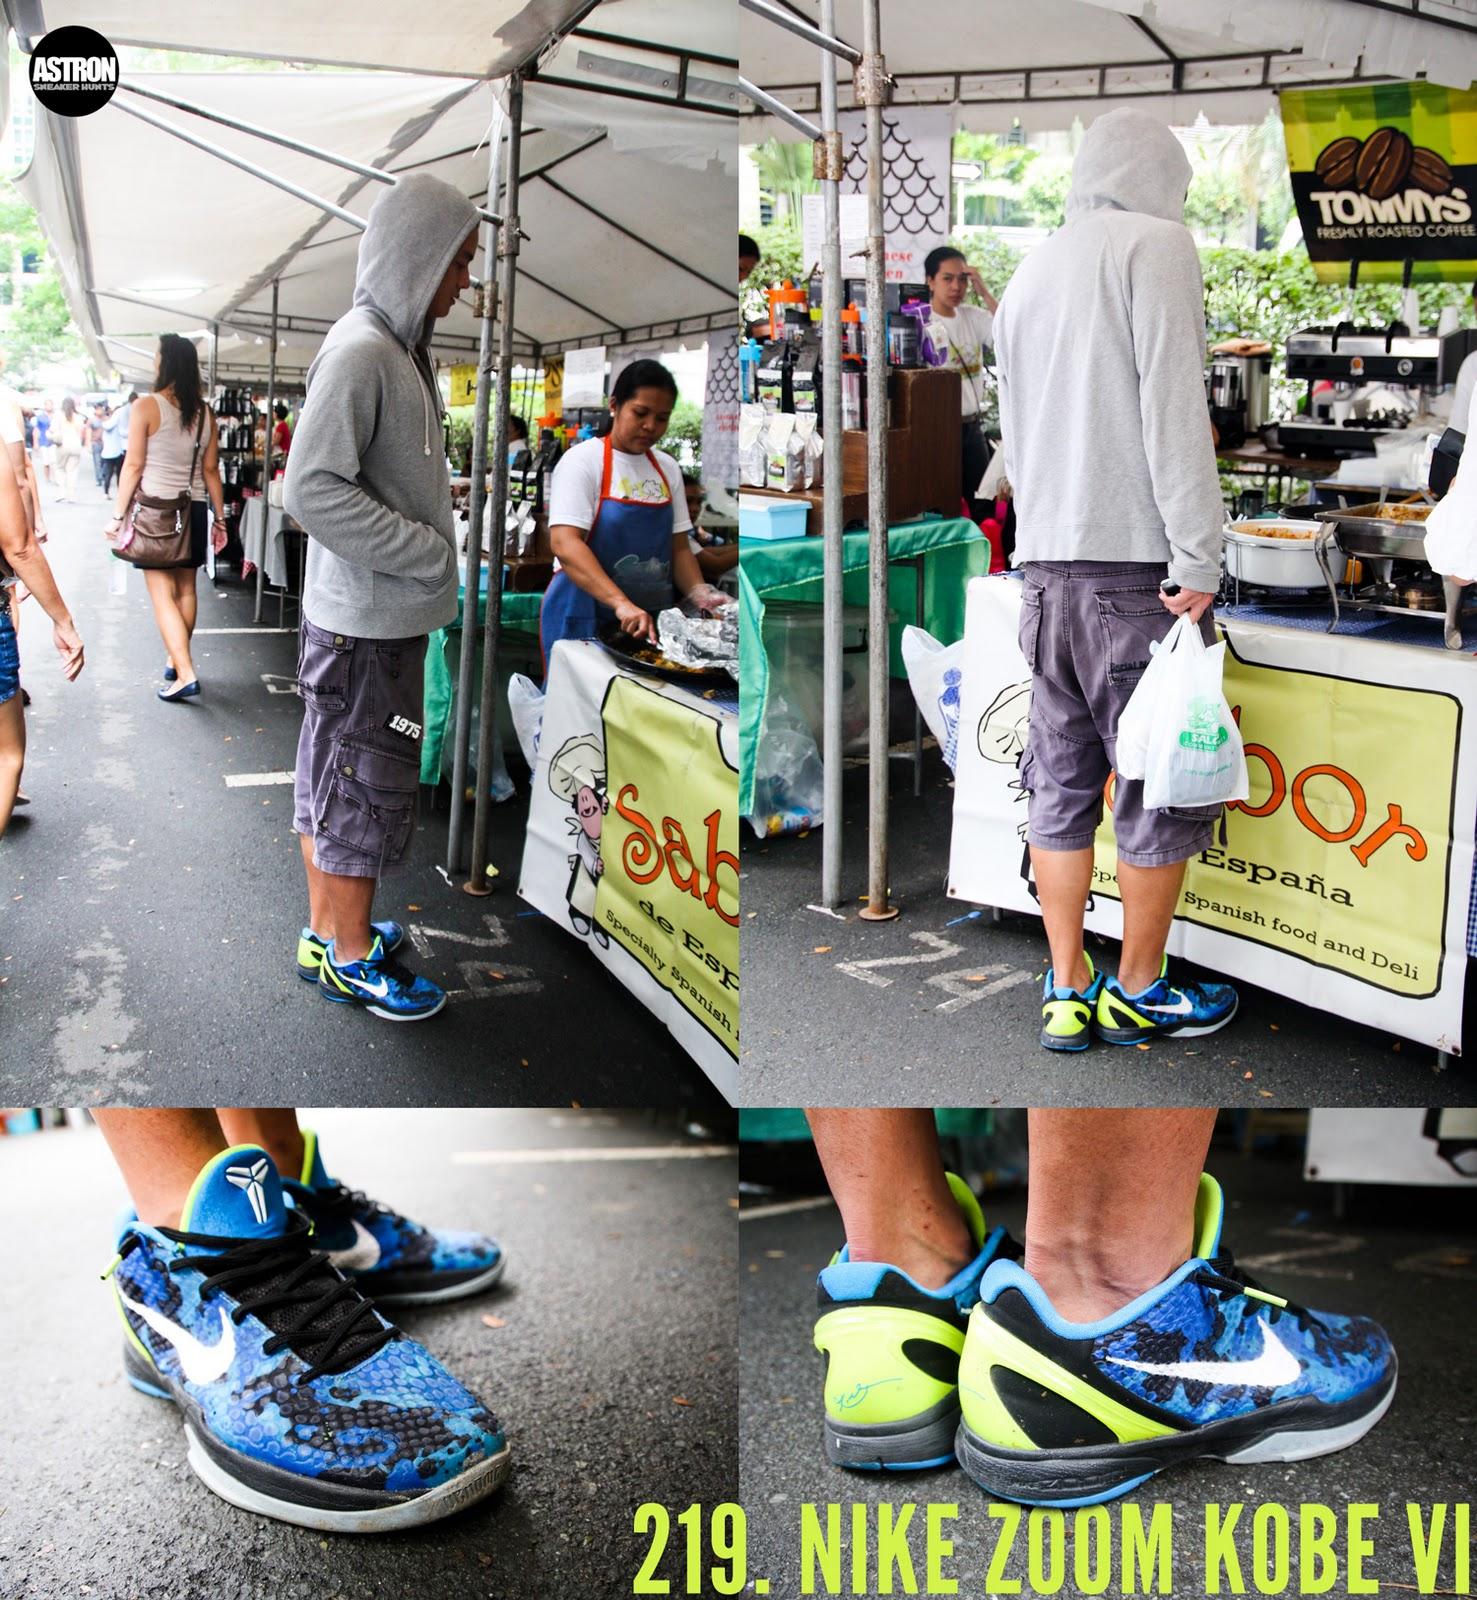 85649d510f9b Astron Sneaker Hunts  219. Nike Zoom Kobe VI